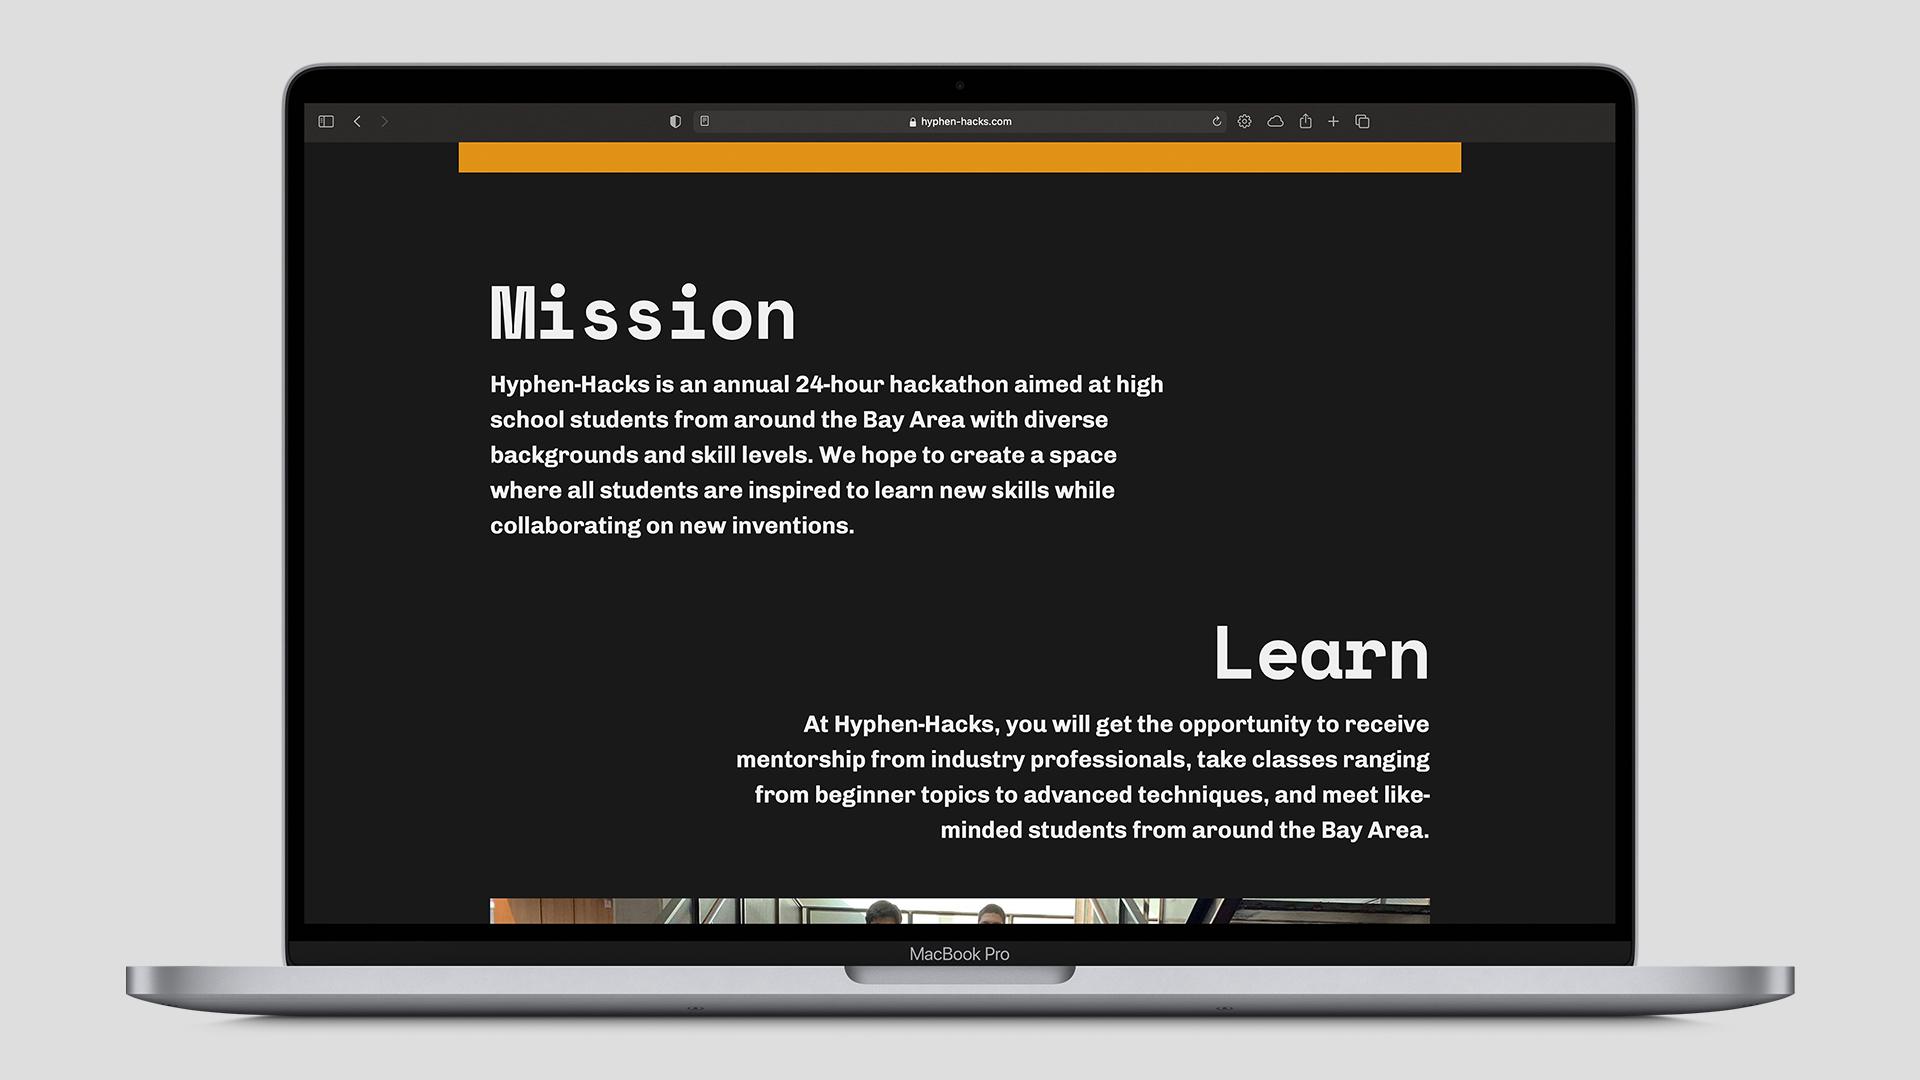 Hyphen-Hacks Mission